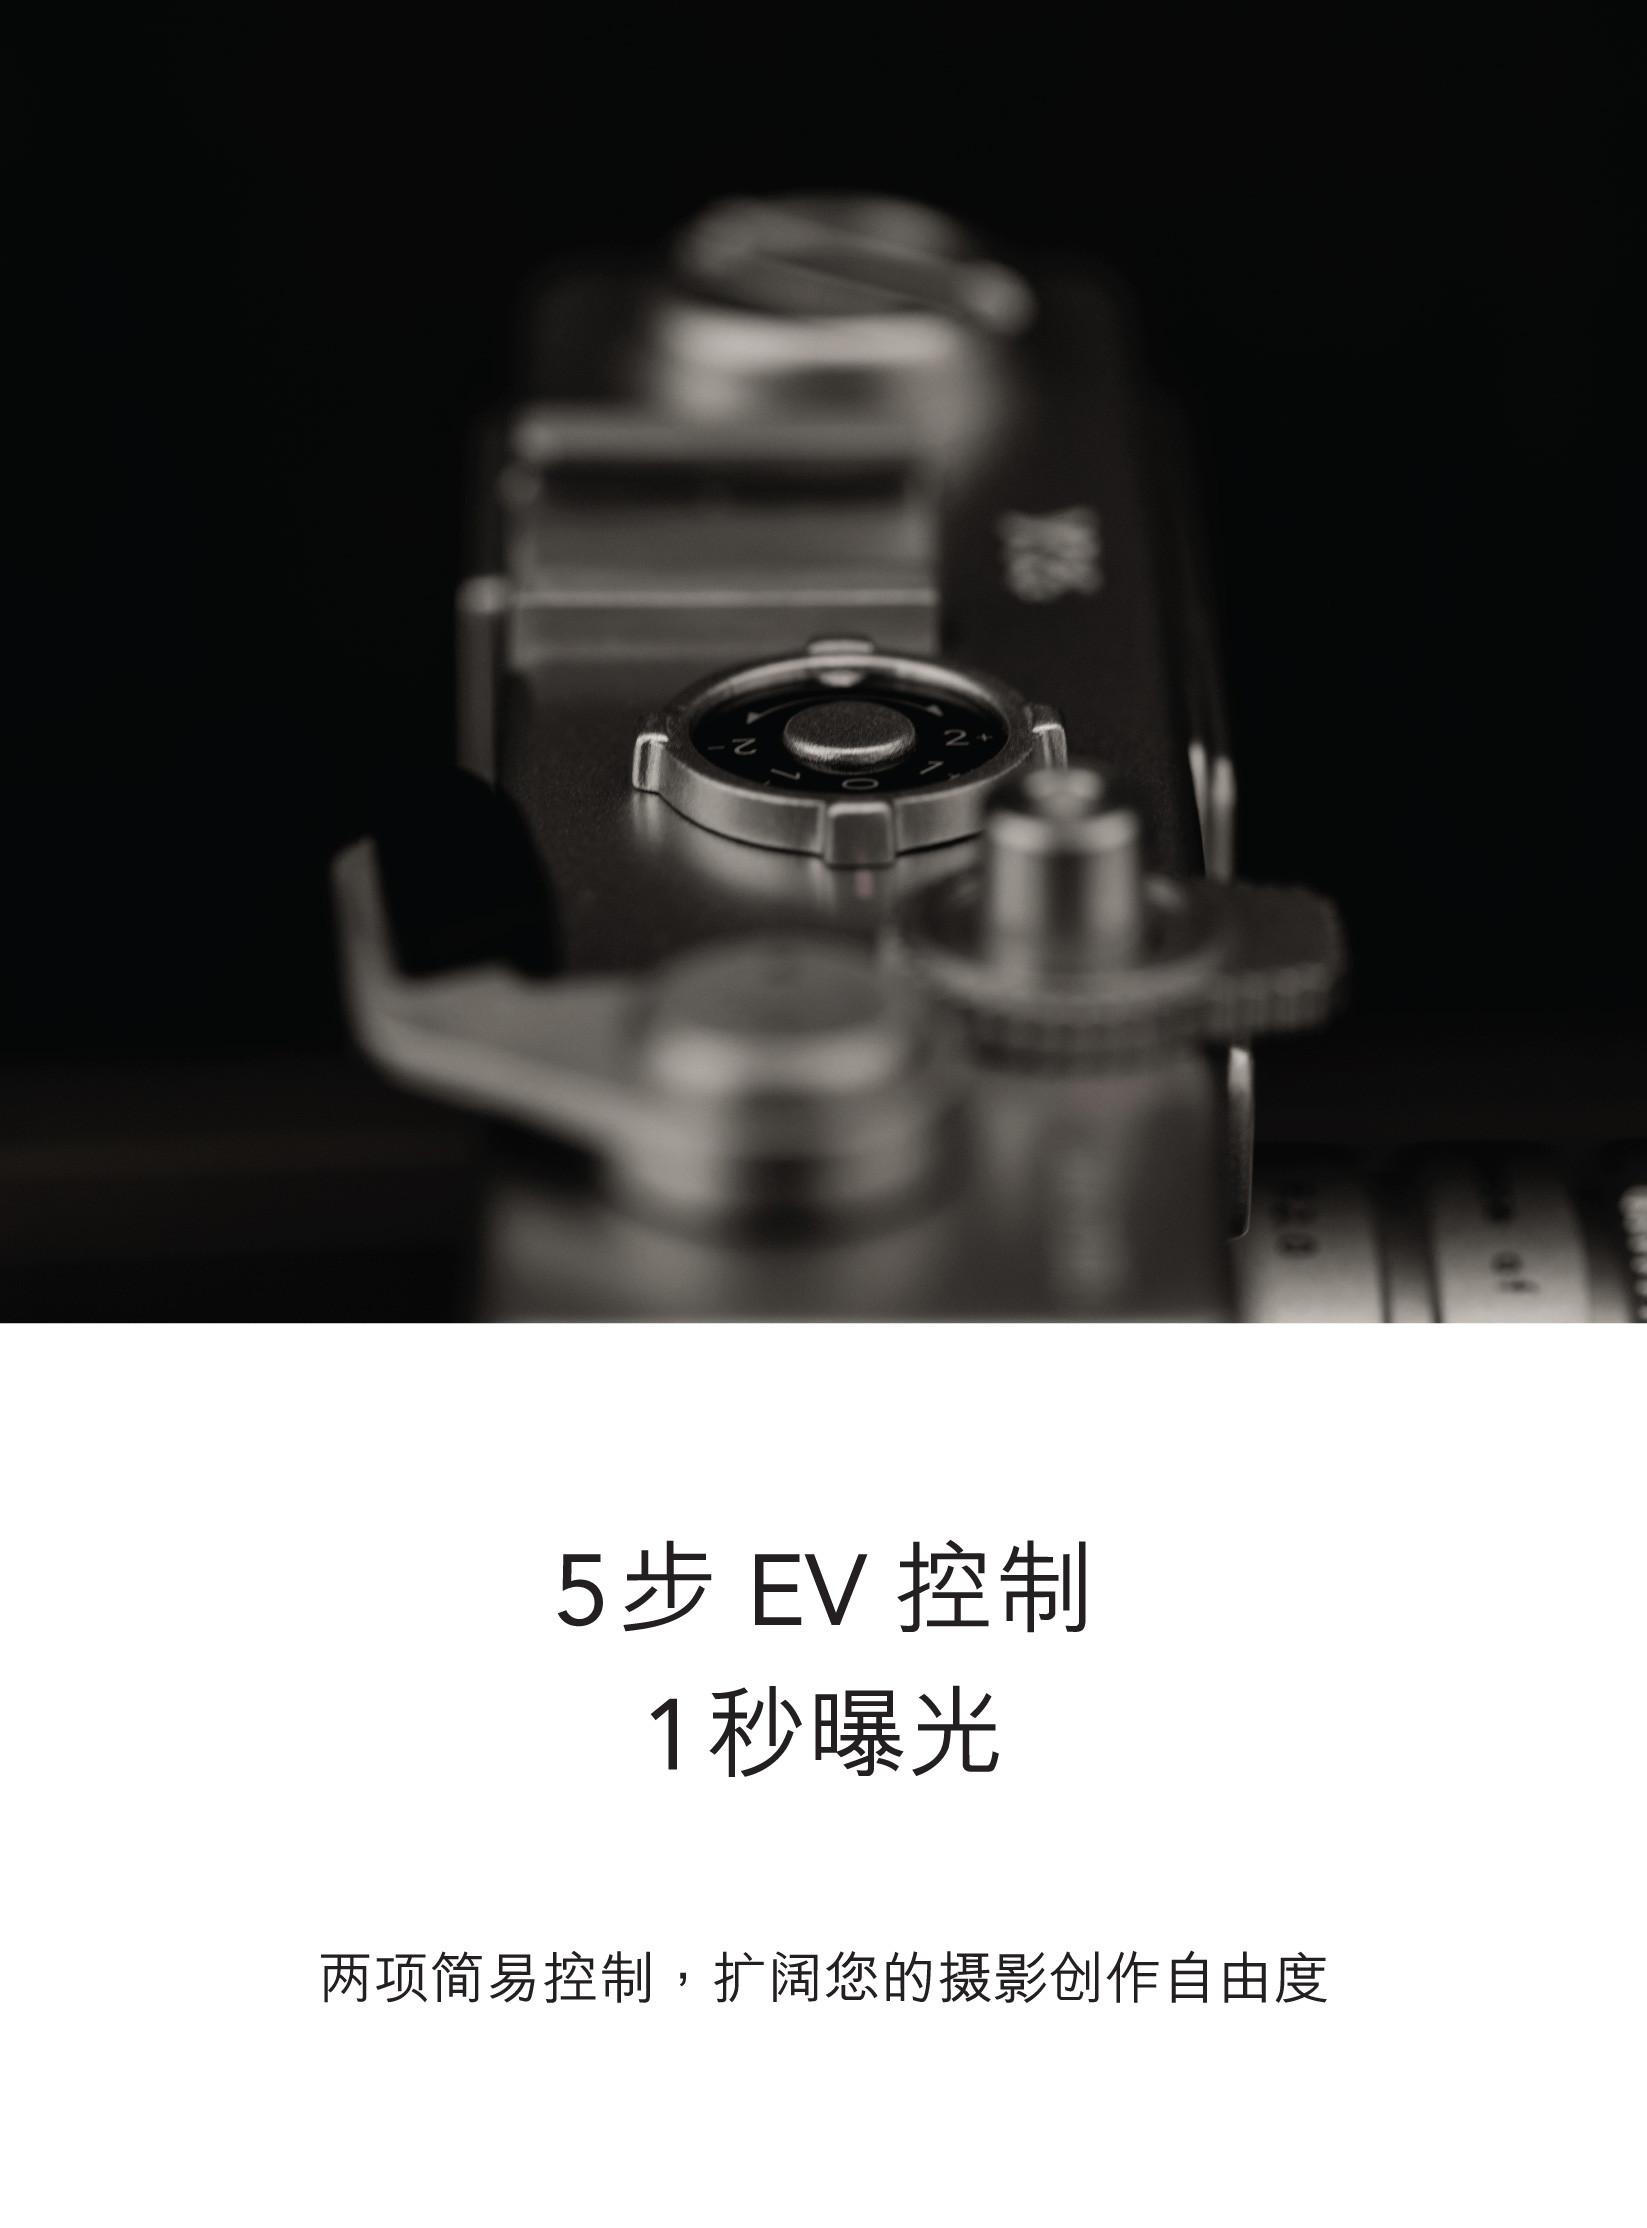 Y35-CN_part-1-12.jpg